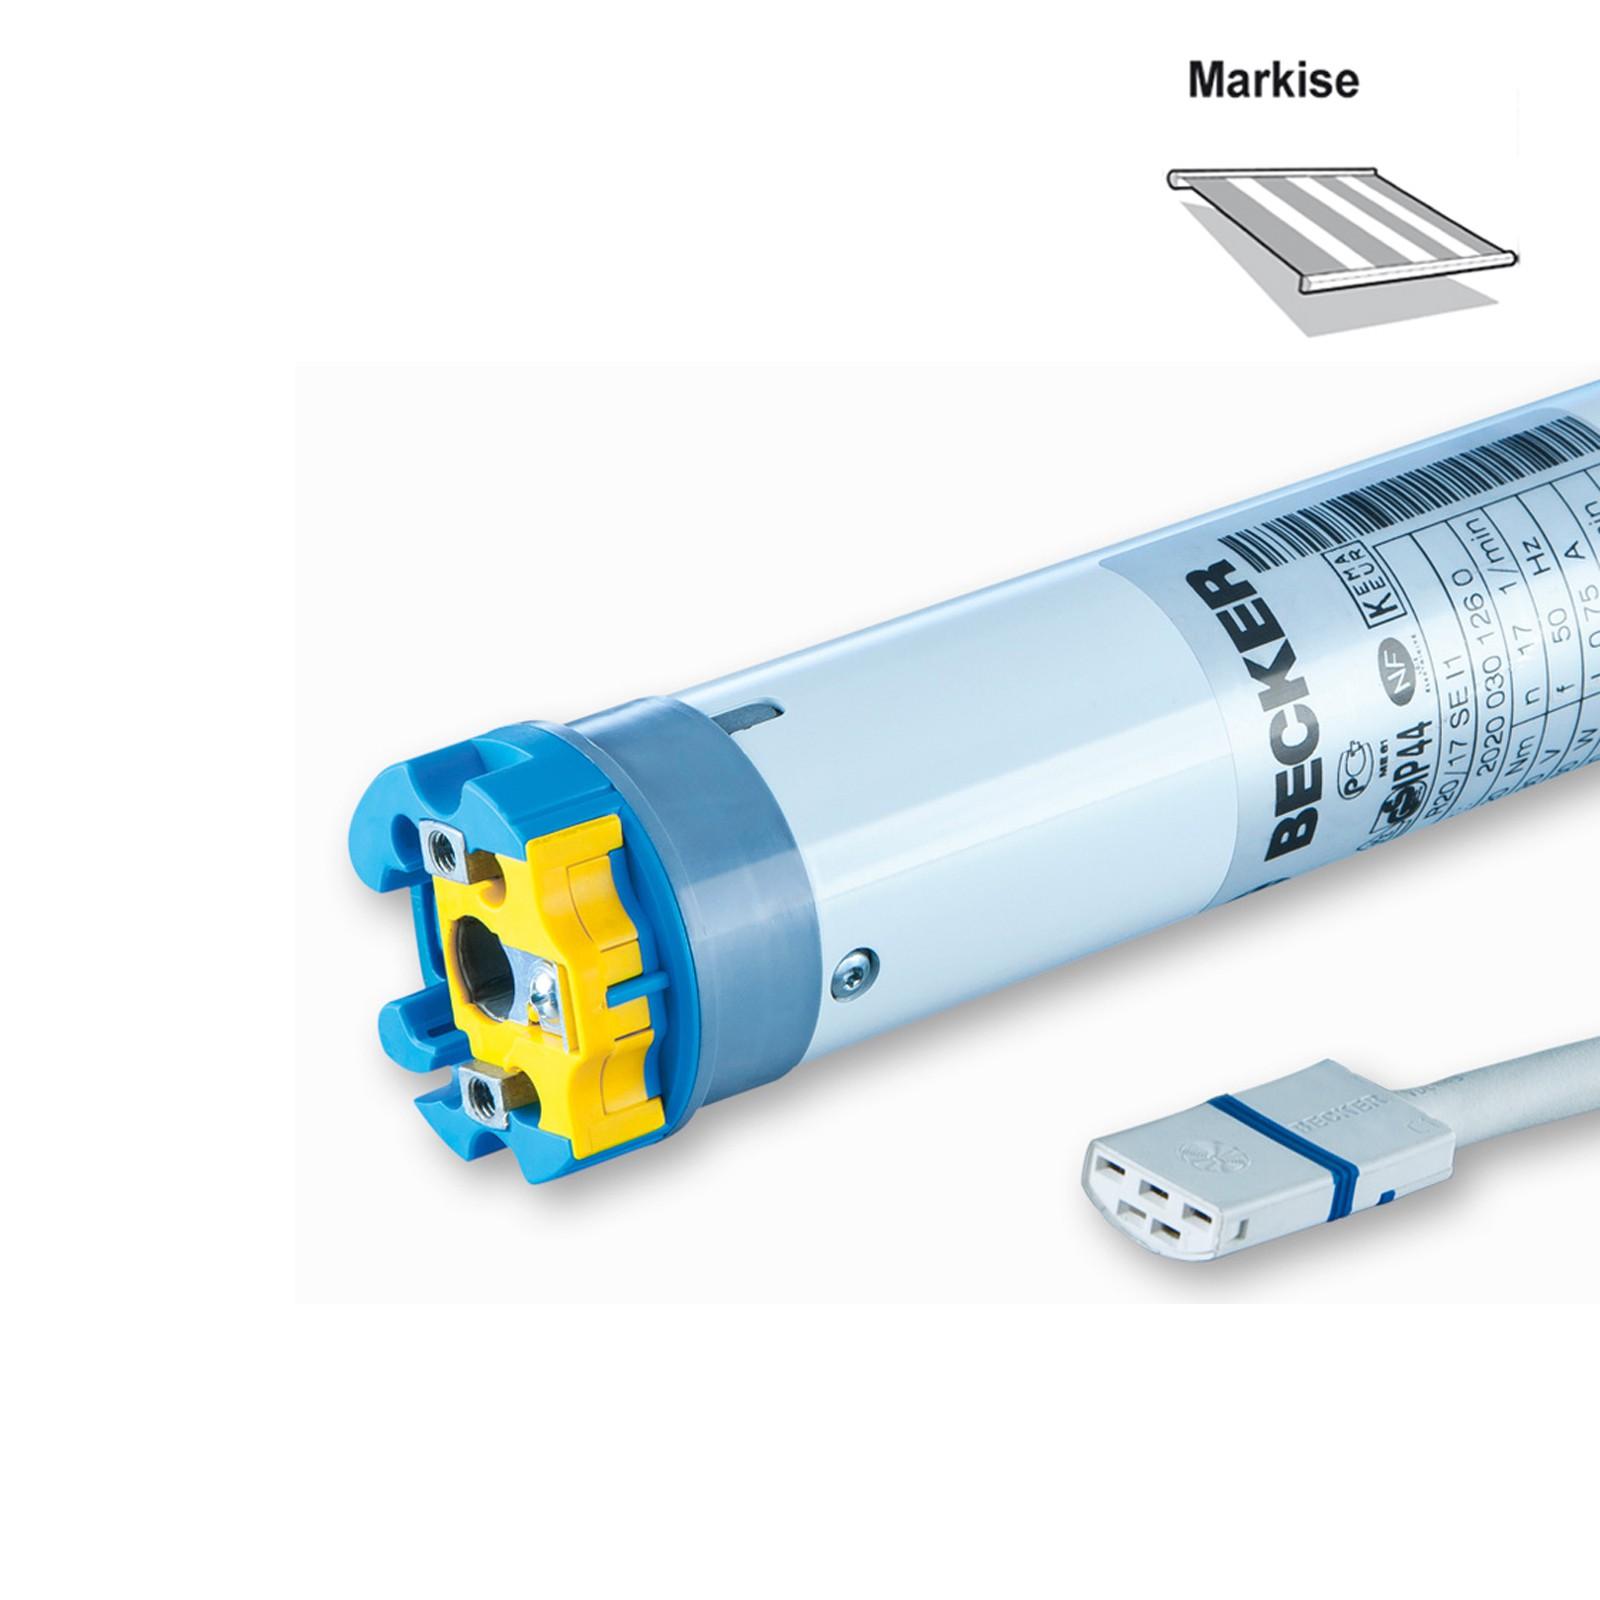 Rolladenmotor Becker R/C SEBO Grafik